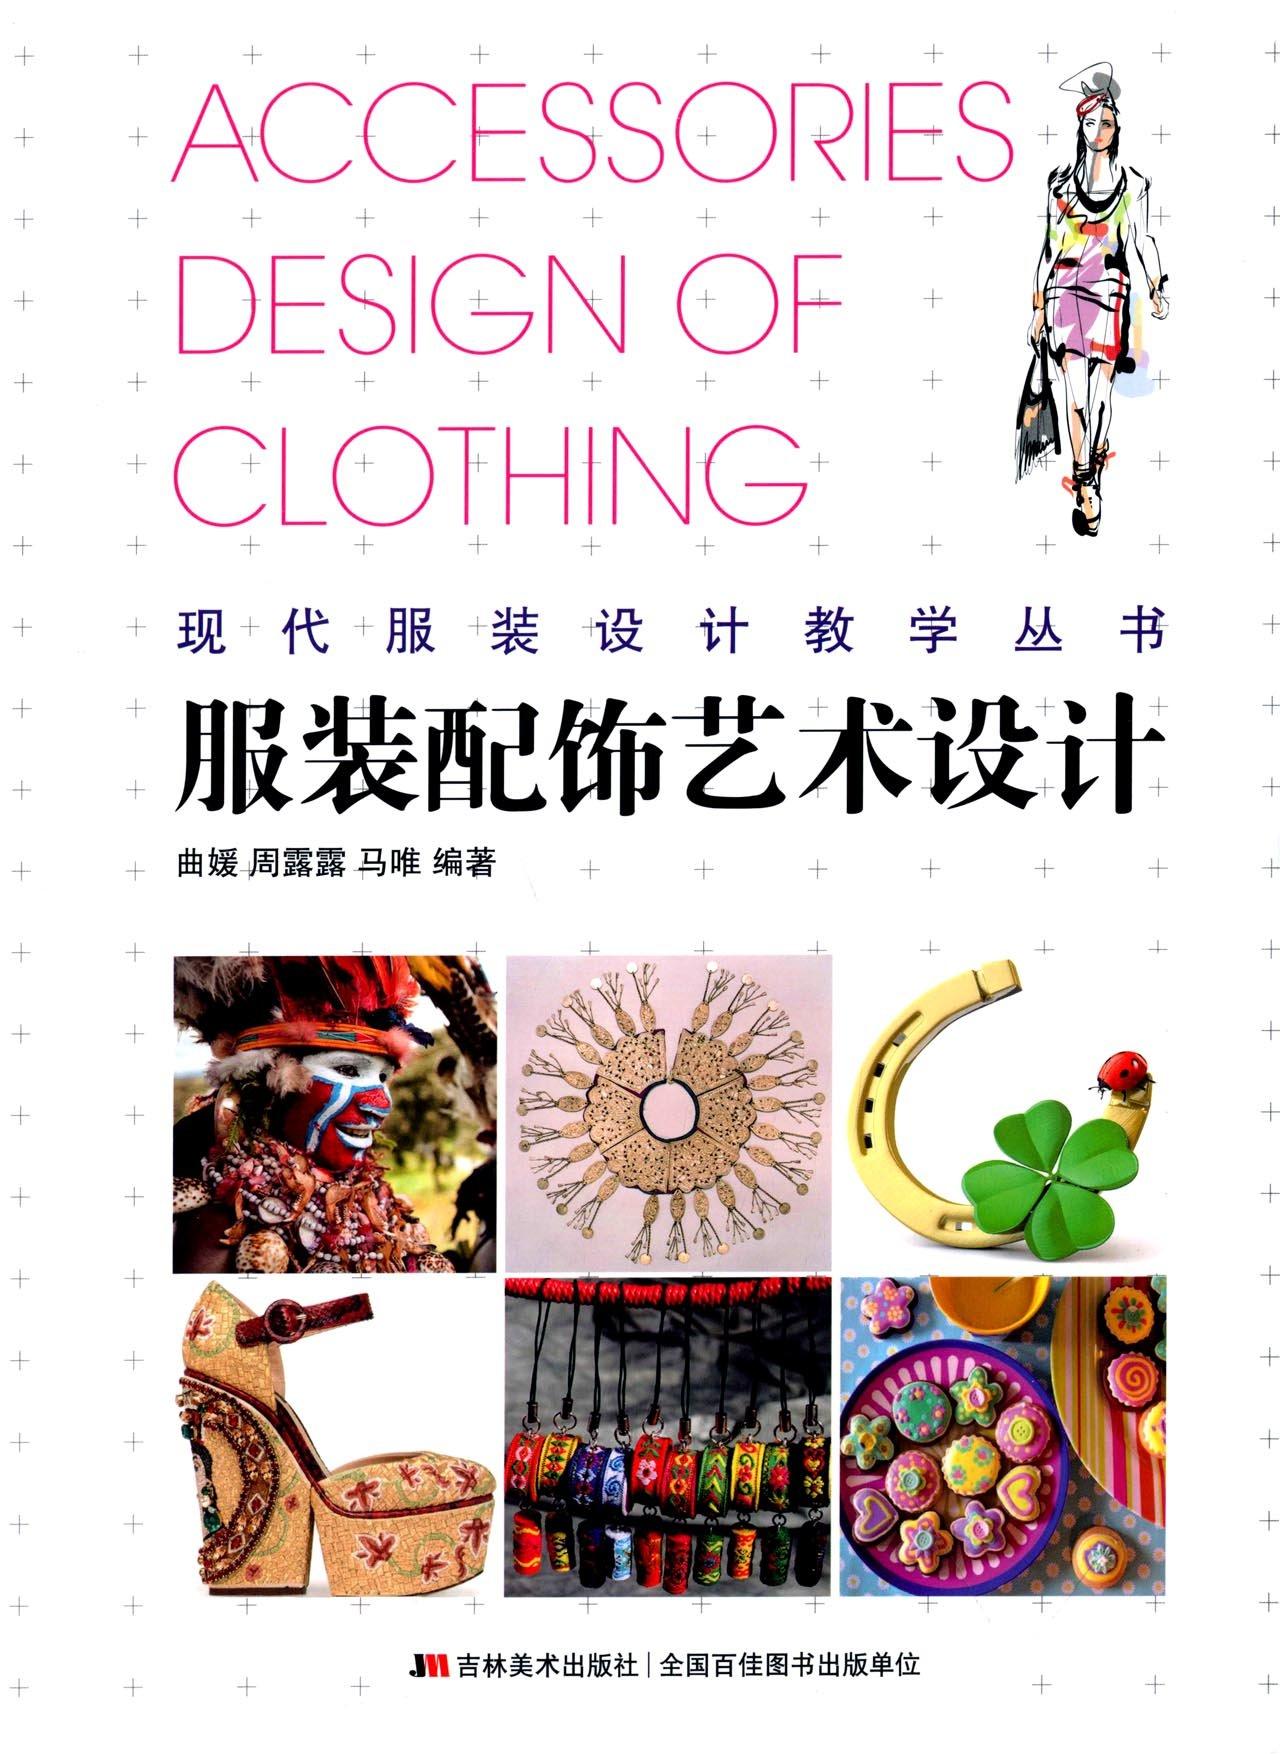 現代の服のデザイン教育シリーズ:服のアクセサリーアートデザイン